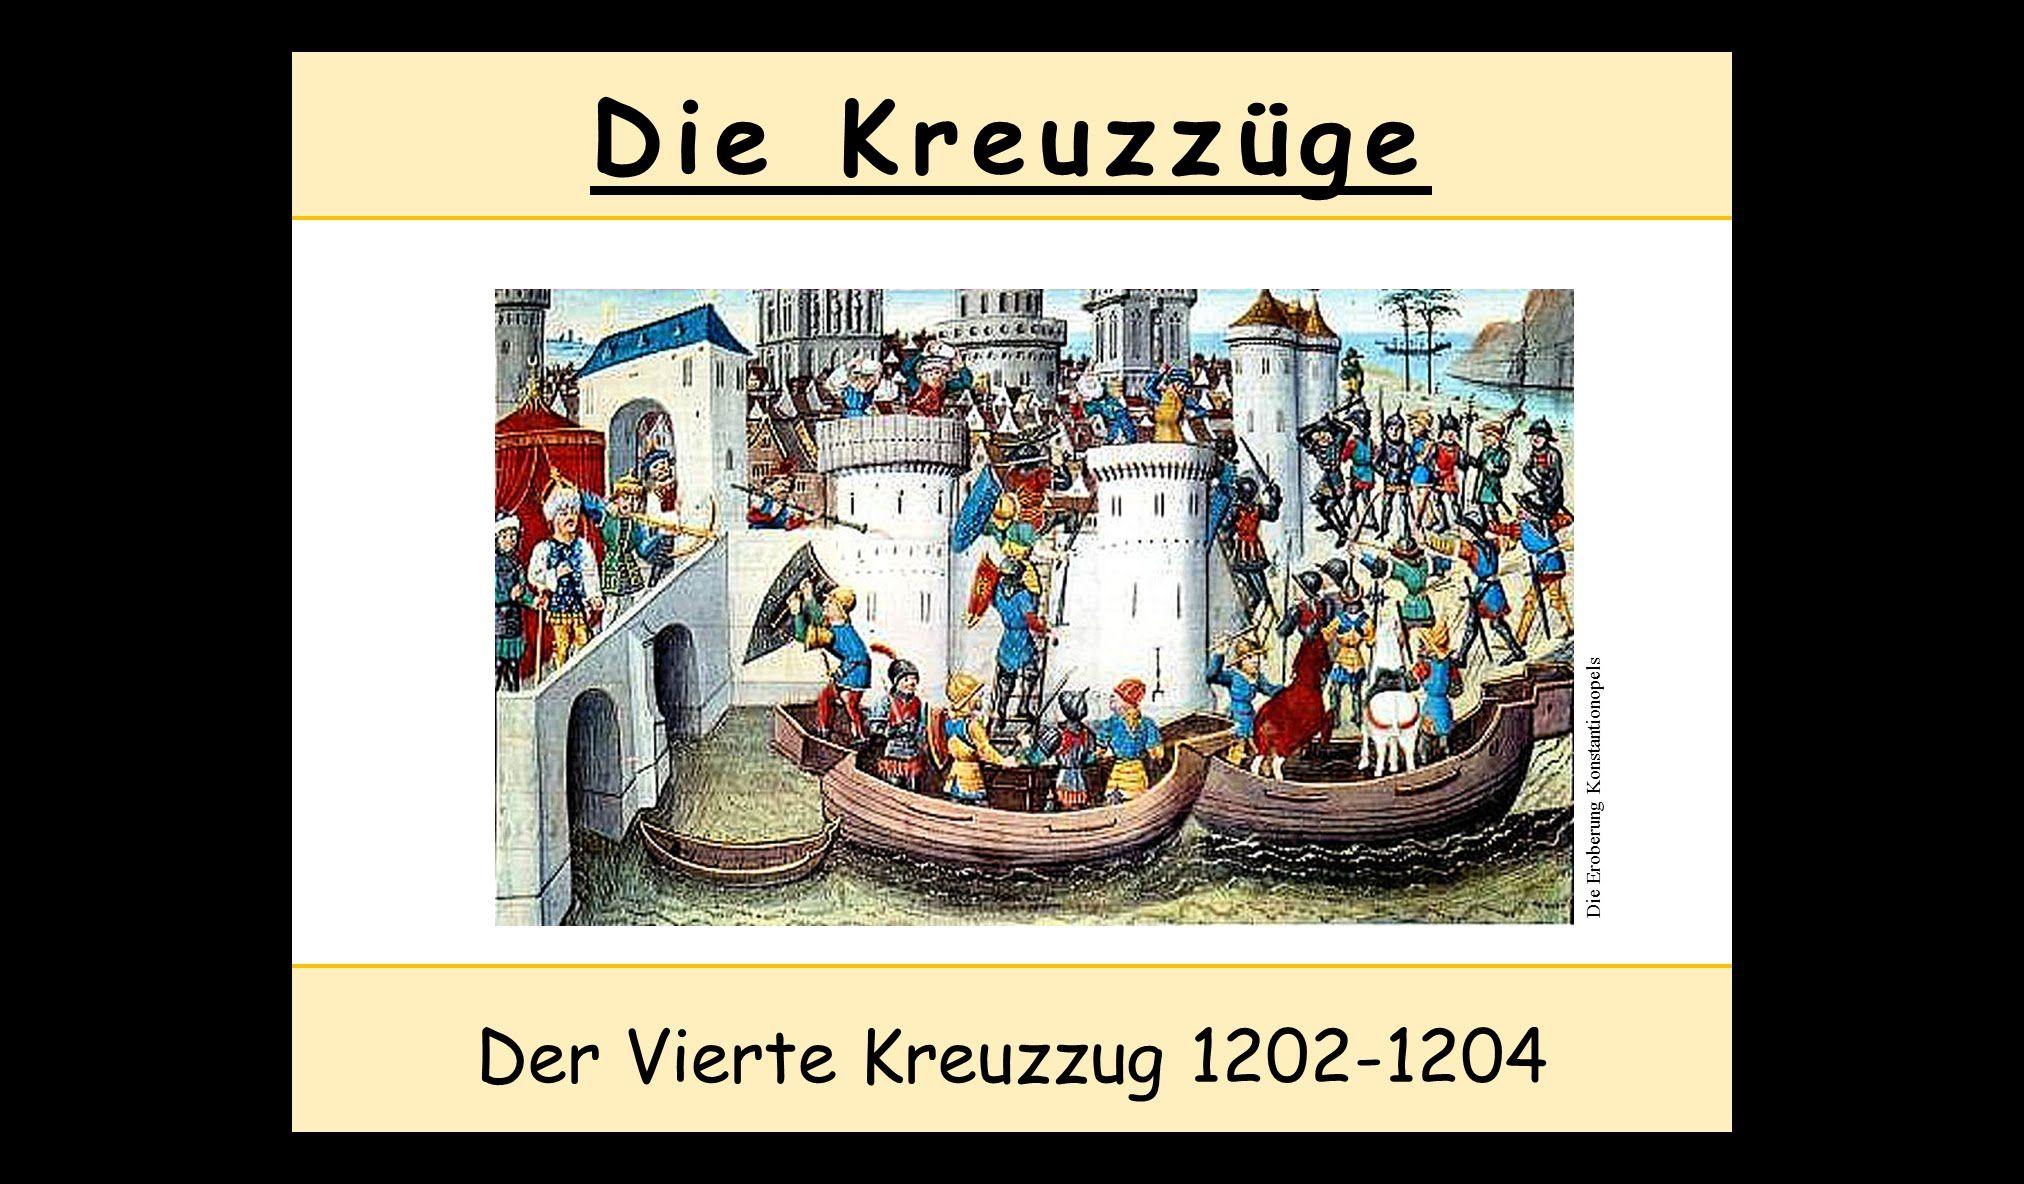 Vierter Kreuzzug 1202-1204 - Die Kreuzzüge im Mittelalter ...